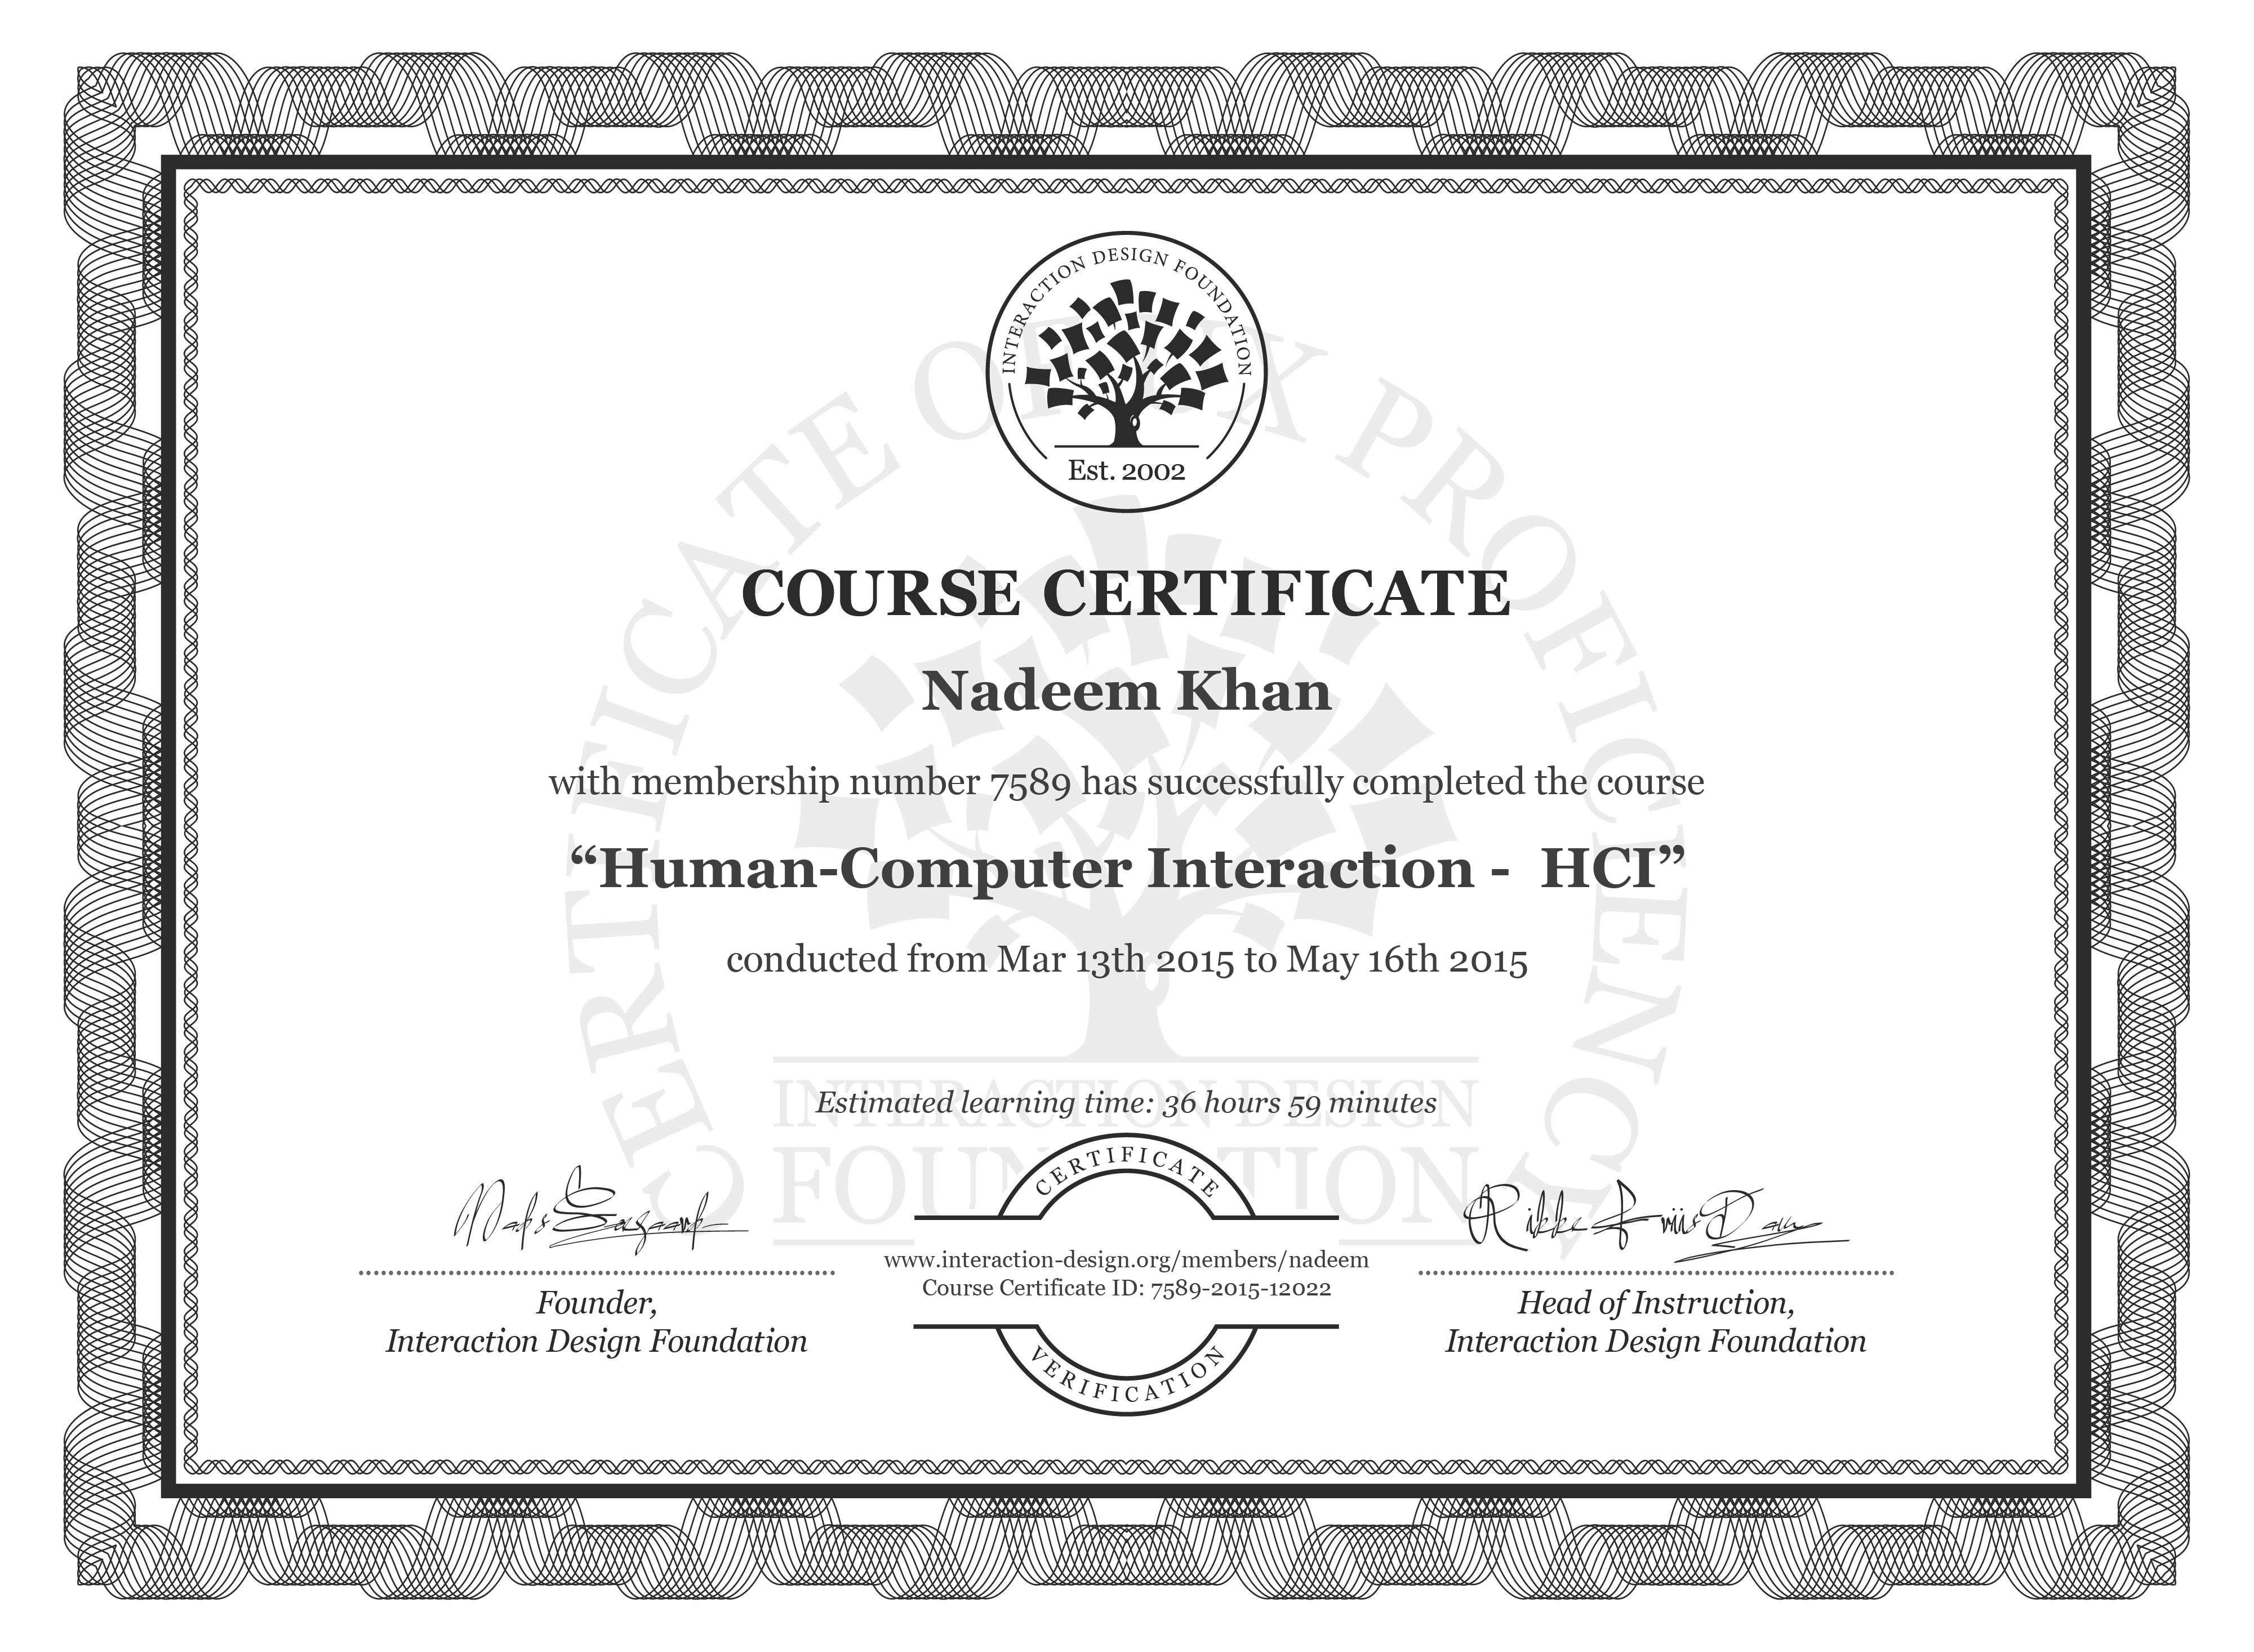 Nadeem Khan's Course Certificate: Human-Computer Interaction -  HCI